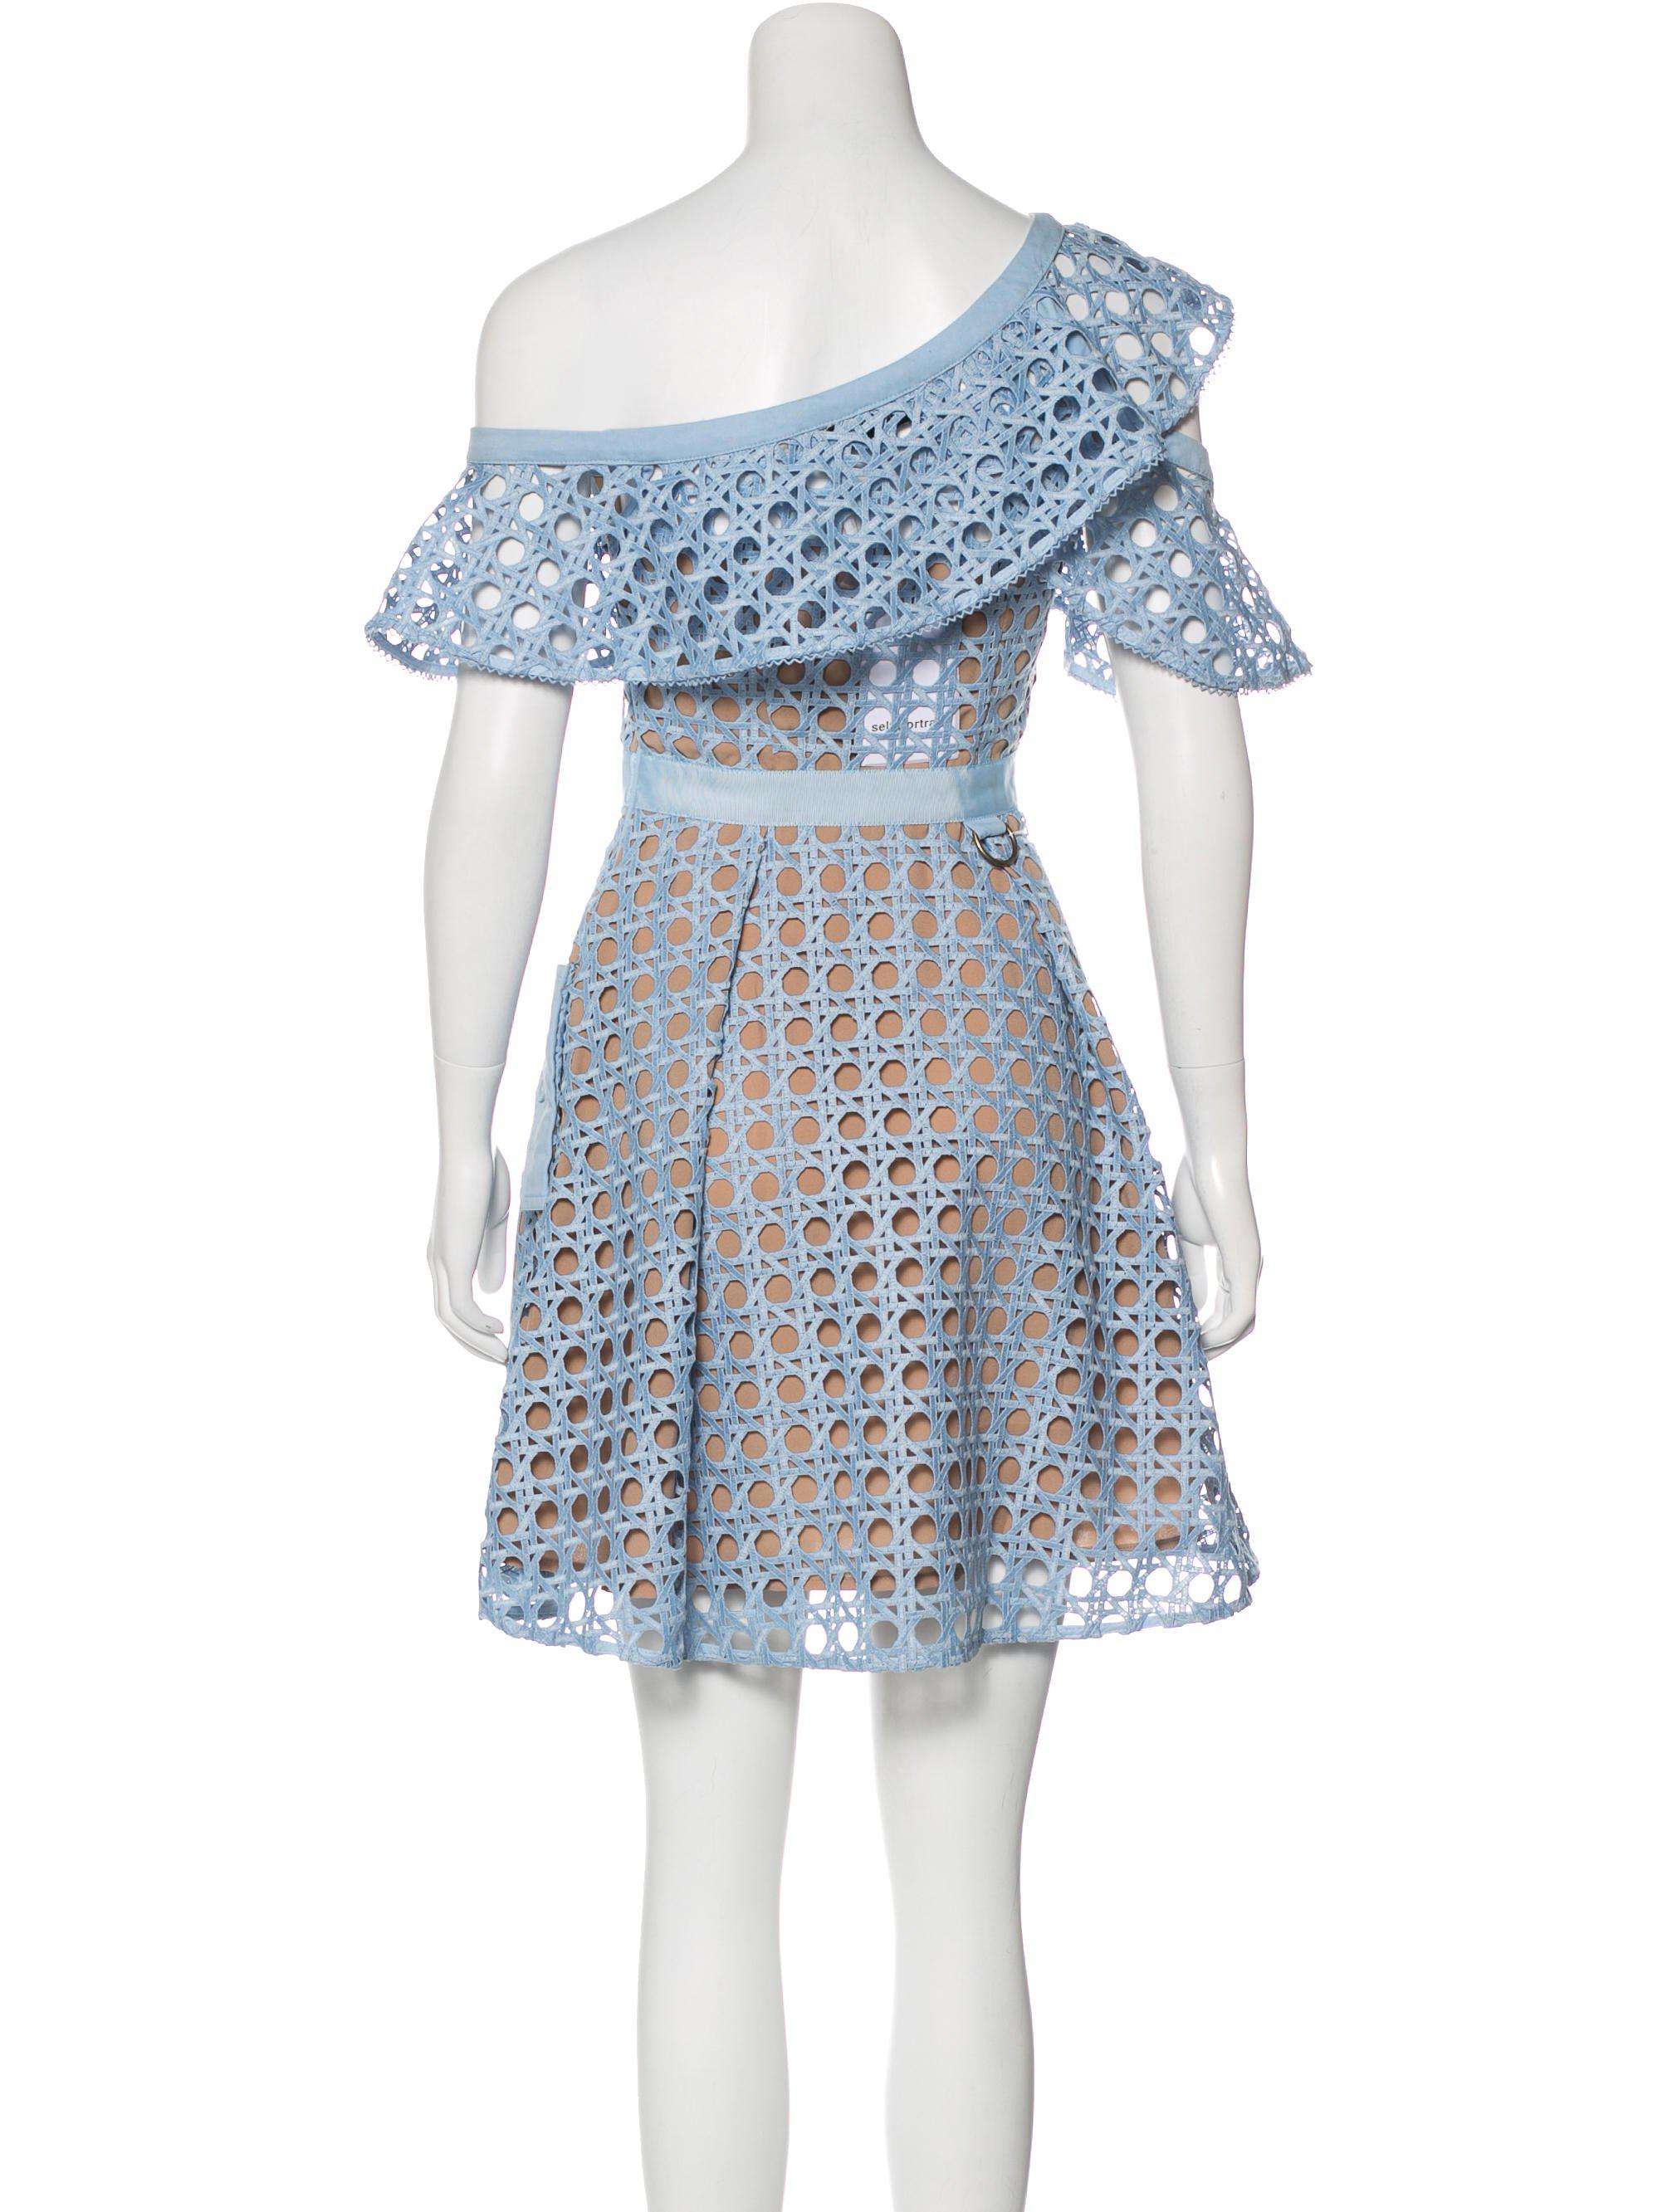 e41d5da208f3 Lyst - Self-Portrait Guipure Lace Mini Dress W/ Tags Blue in Natural